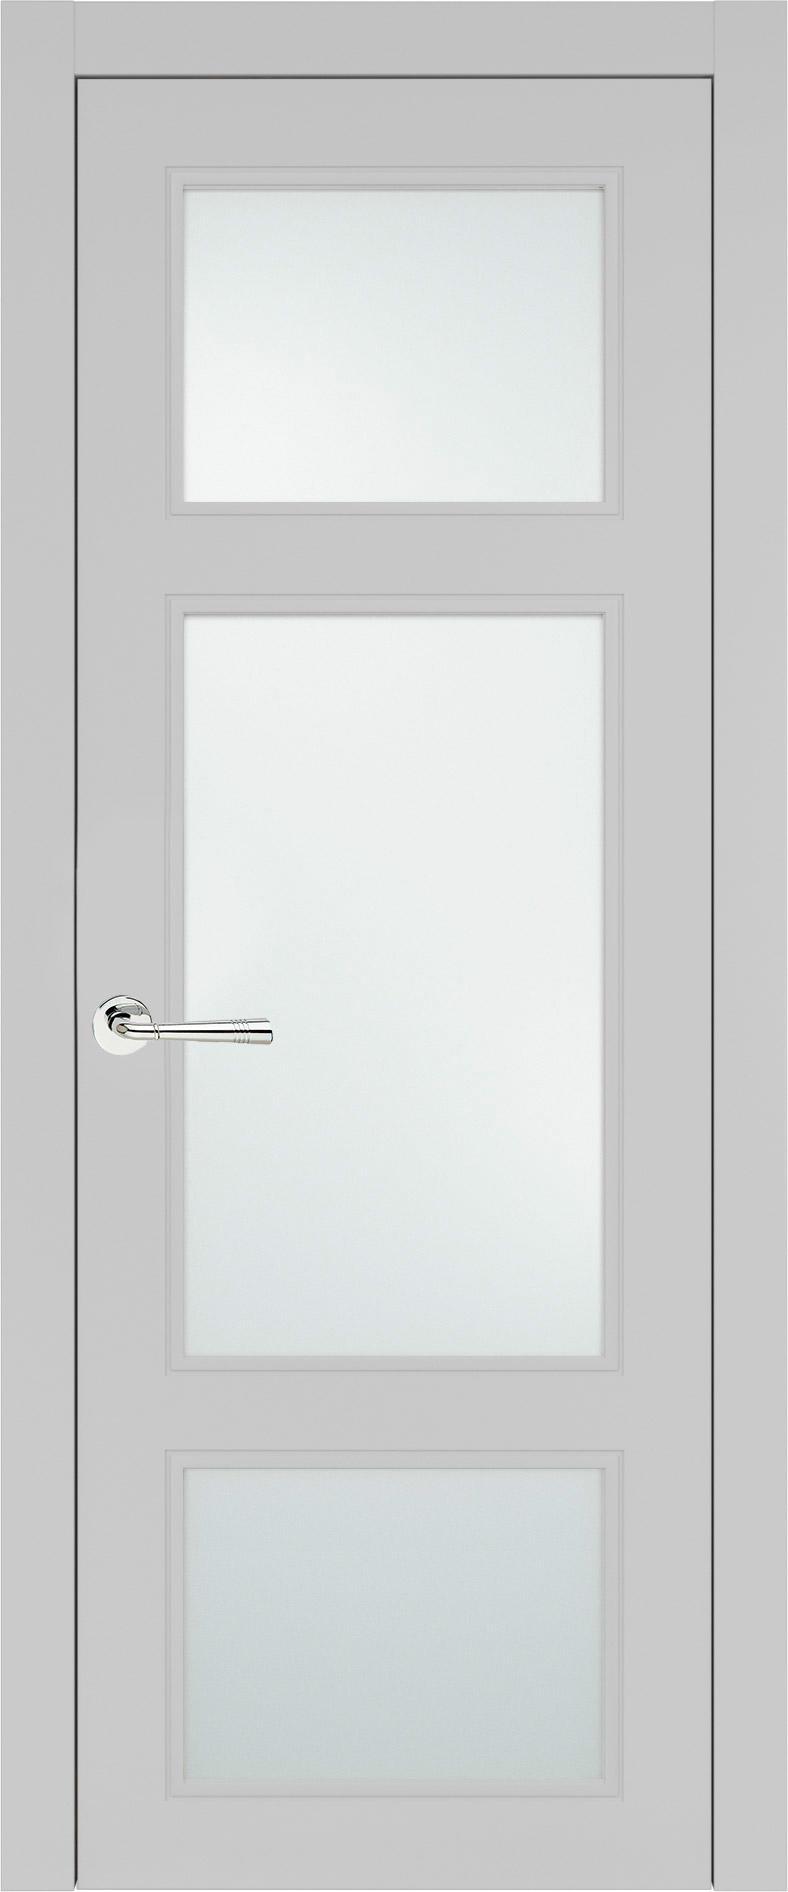 Siena Neo Classic цвет - Серая эмаль (RAL 7047) Со стеклом (ДО)